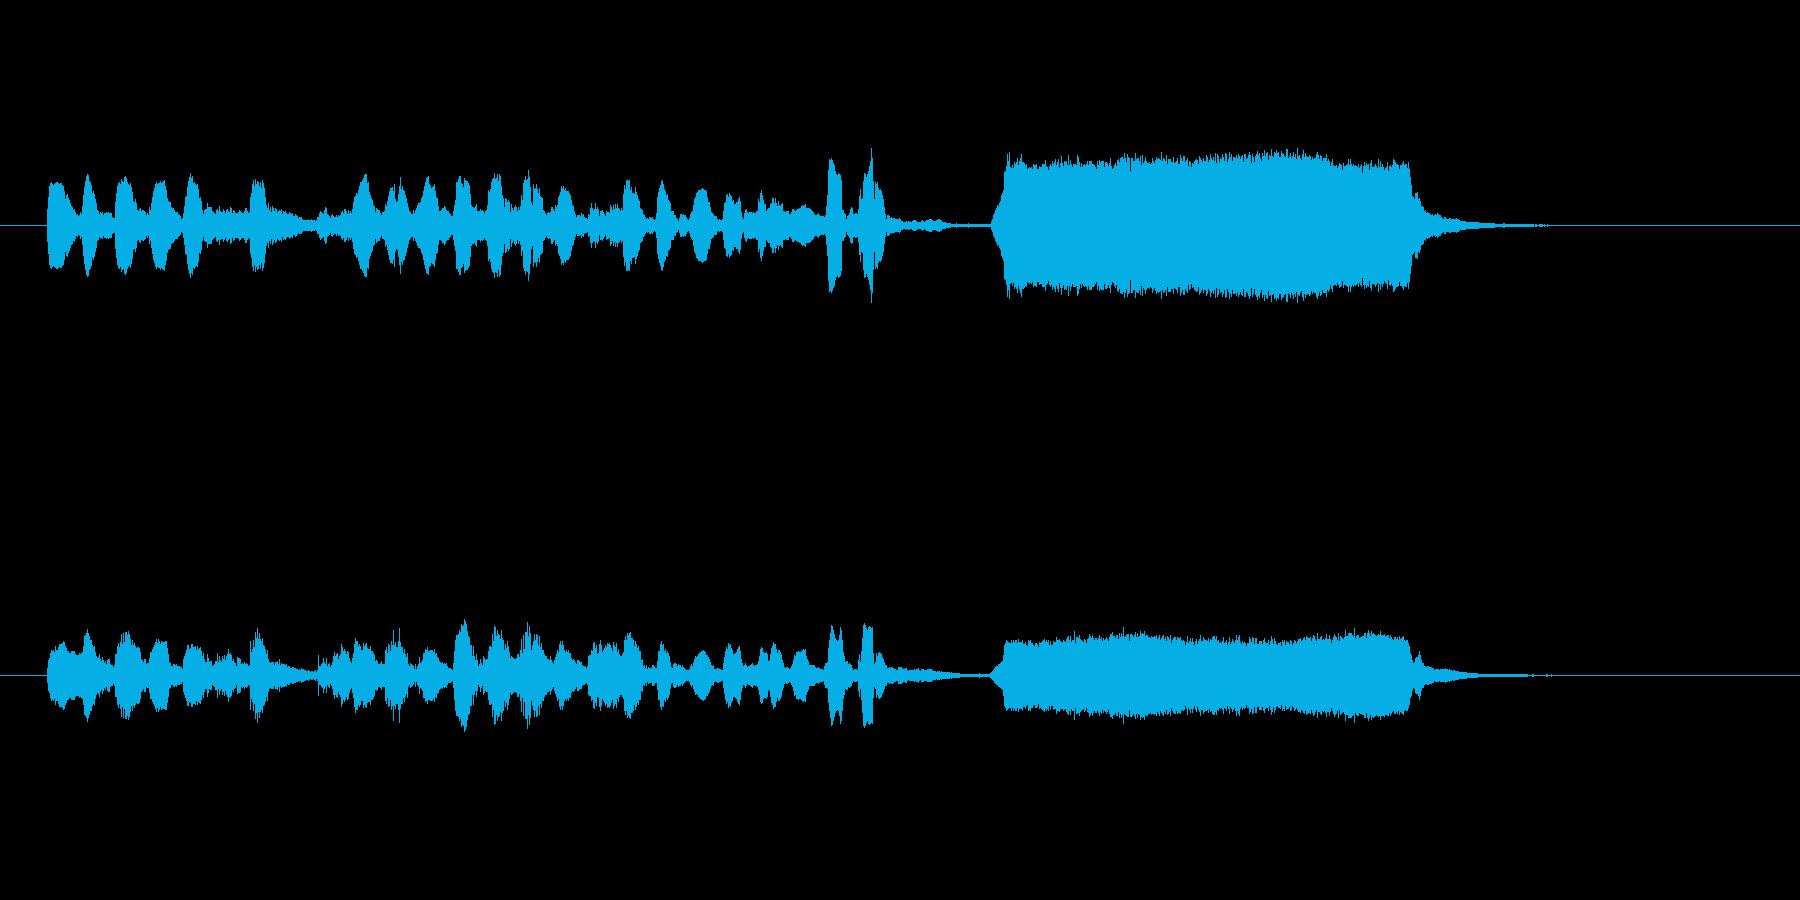 笛の音を使った癒し系ジングルですの再生済みの波形